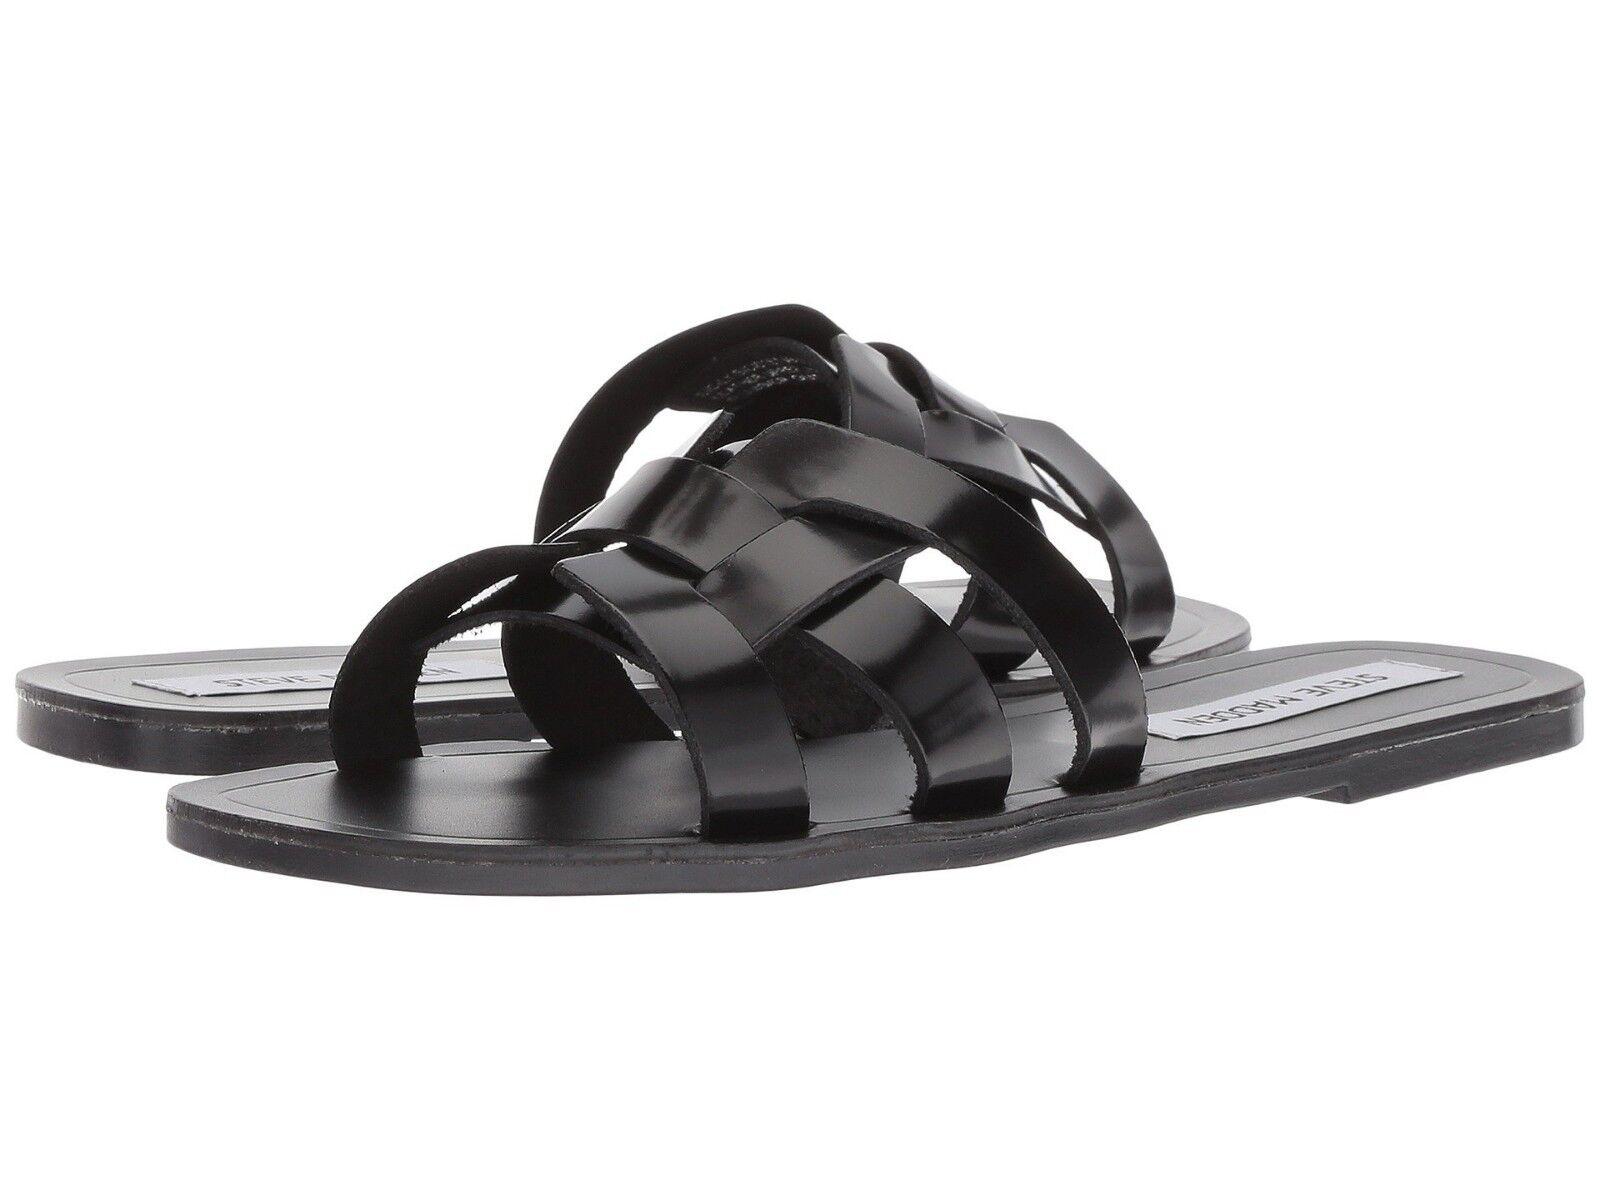 Steve Madden SICILY Slide Flats Sandals Black Women Size 6